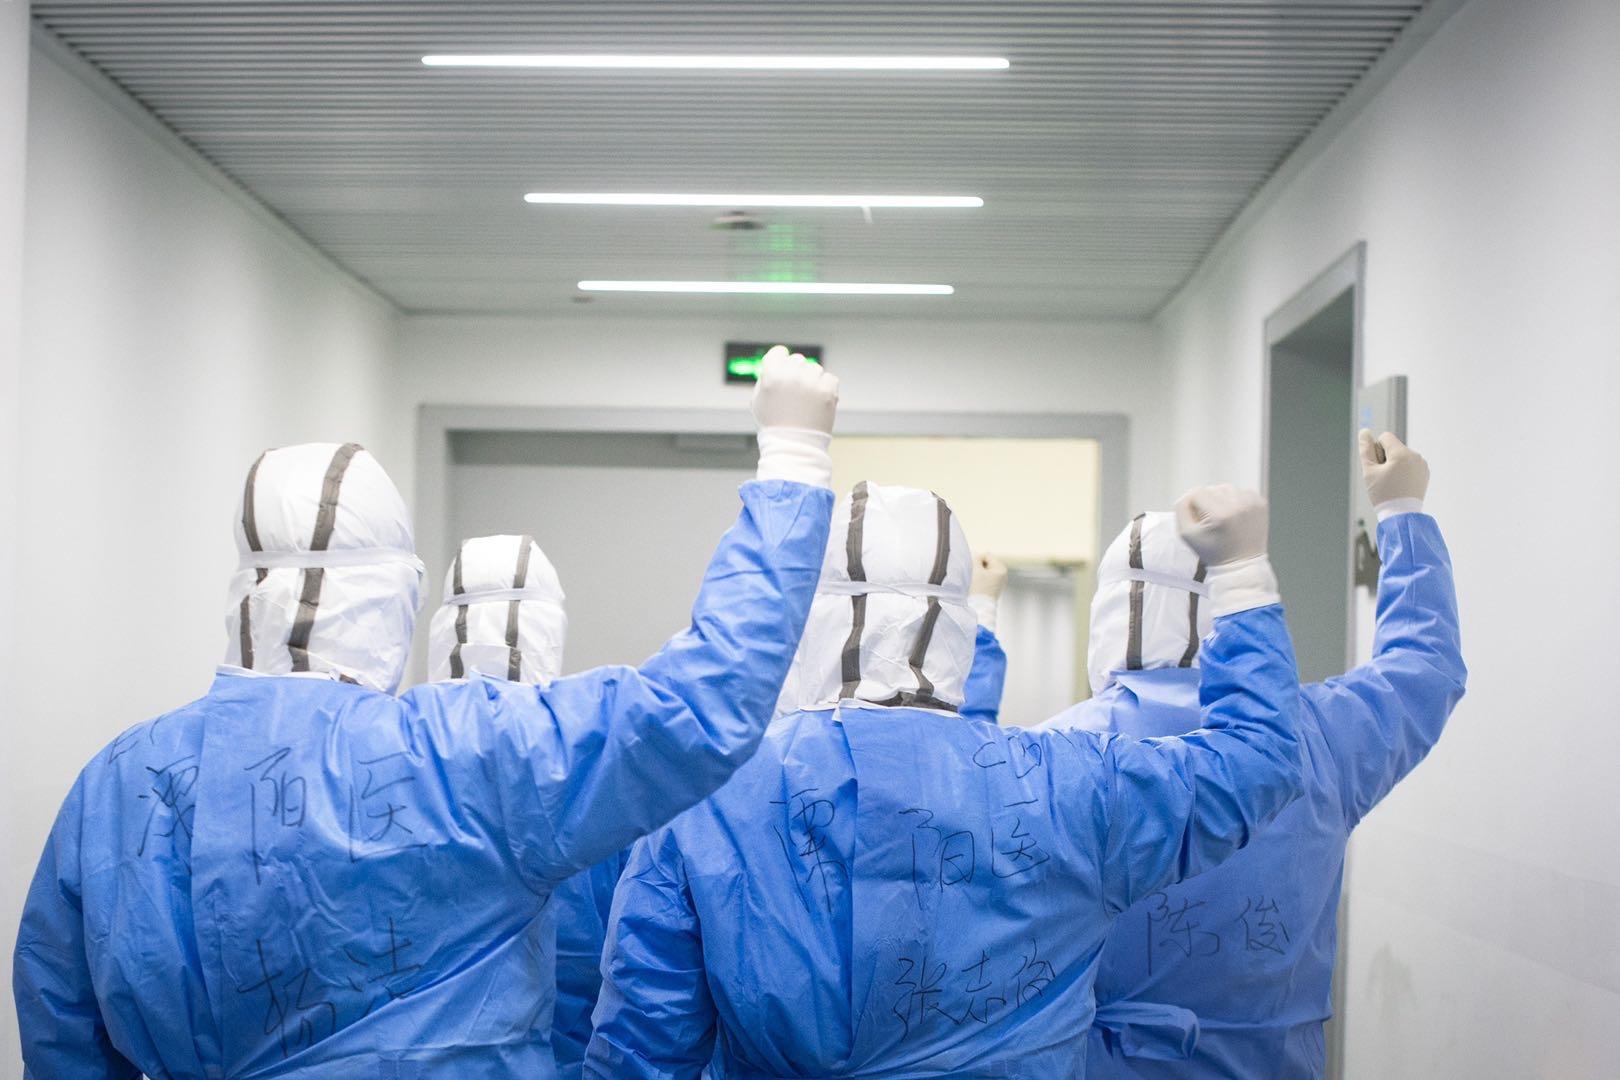 抗疫犧牲的每一位醫護人員,都應該授予烈士榮譽